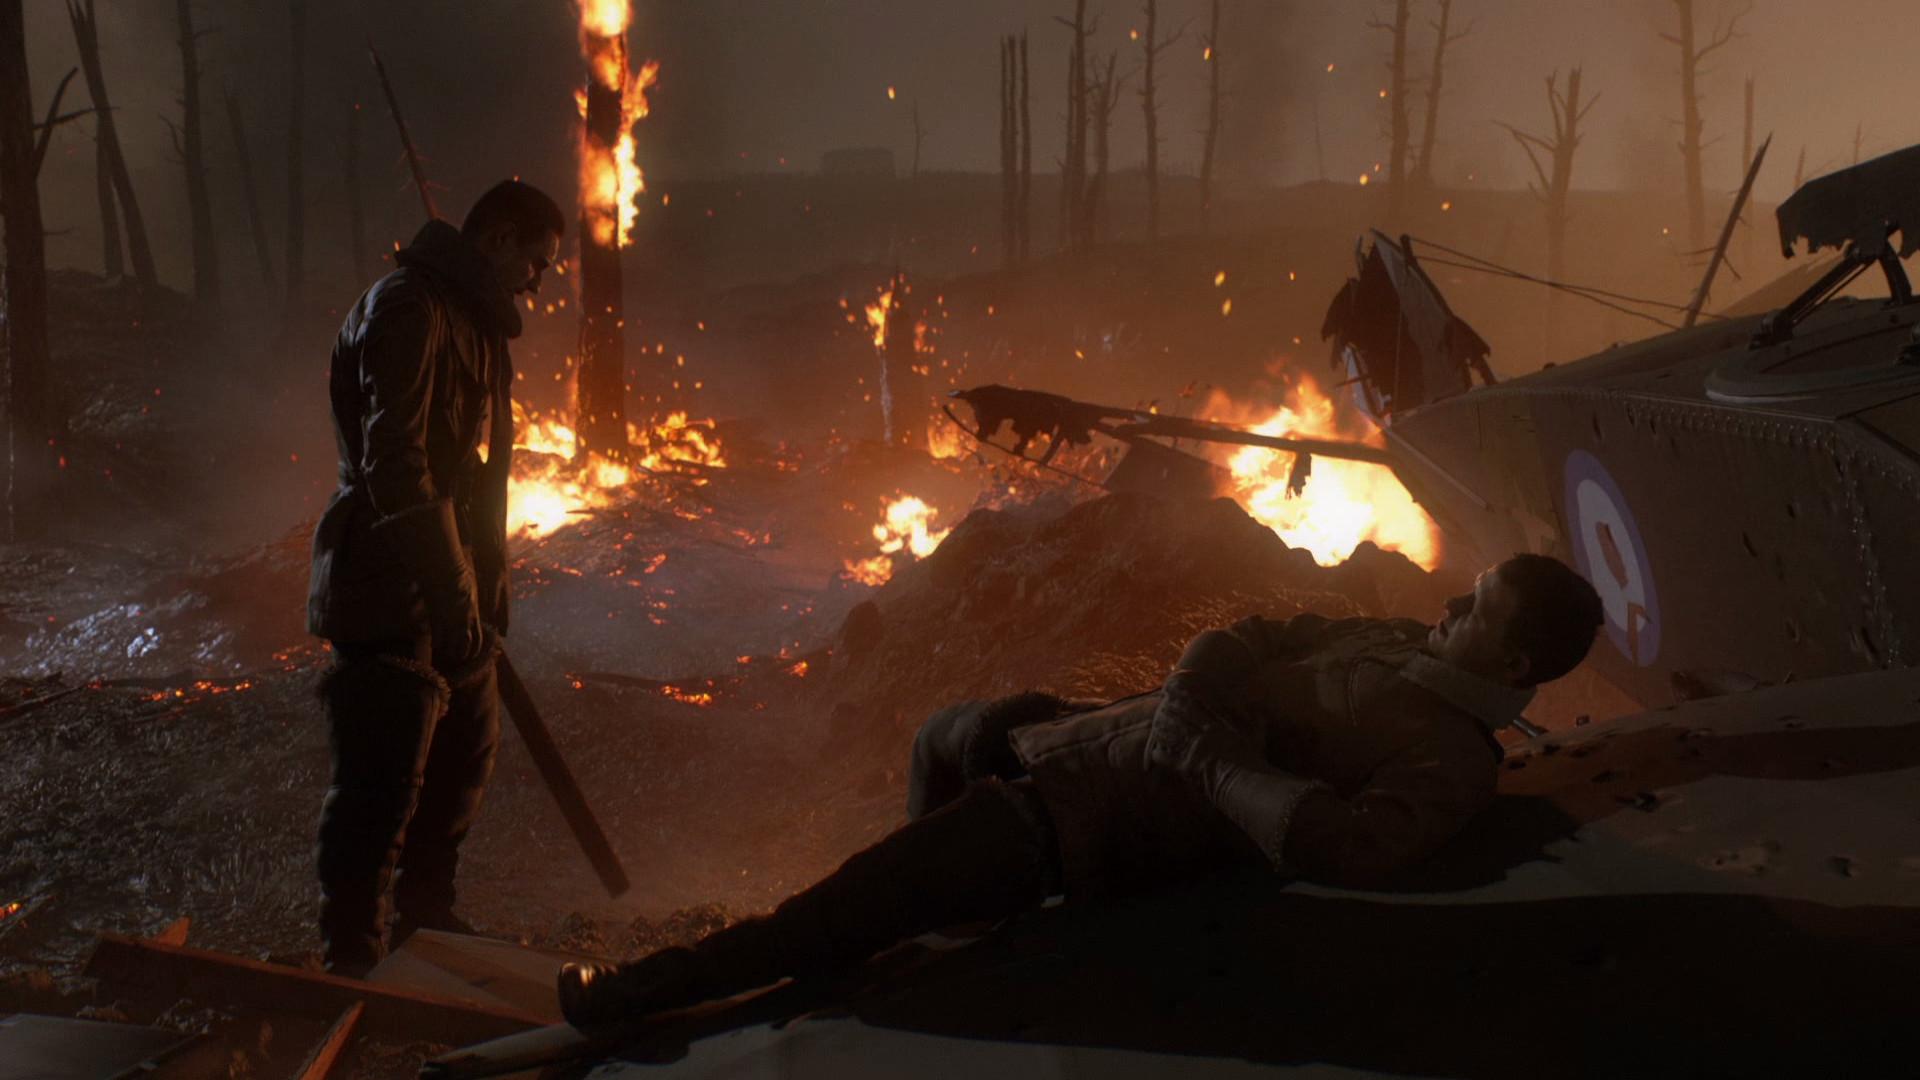 수정됨_Battlefield 1 2016.10.23 - 15.13.52.08.jpg